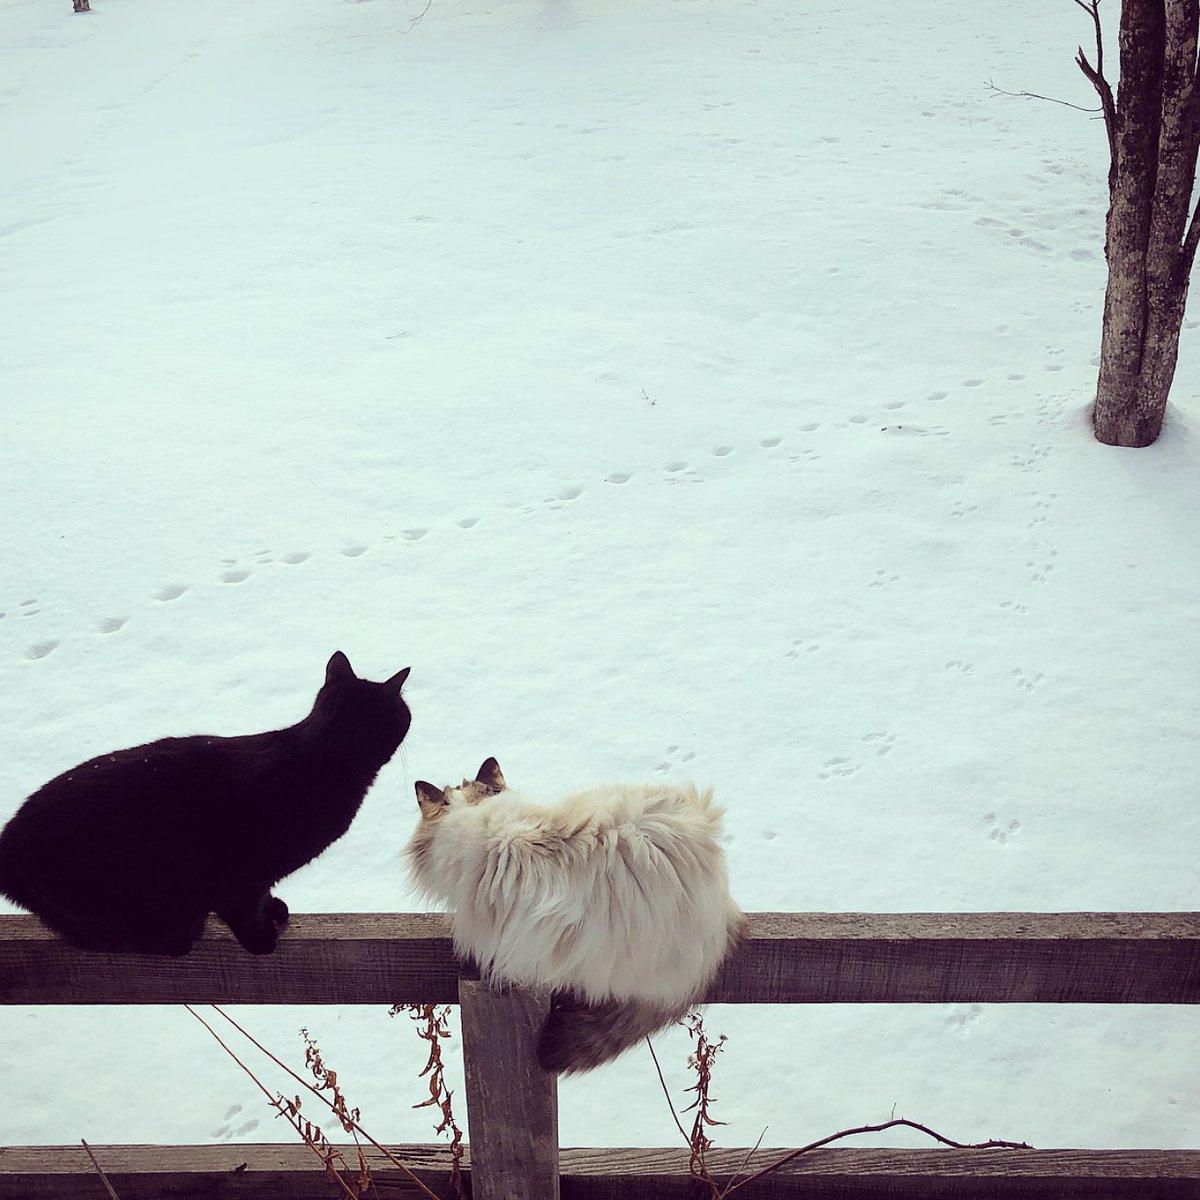 ふかふかの雪が積もりました。 お庭を一直線に横切るキツネさんの足あとと、駆け回ったらしいリスさんの足あとが残っていました。